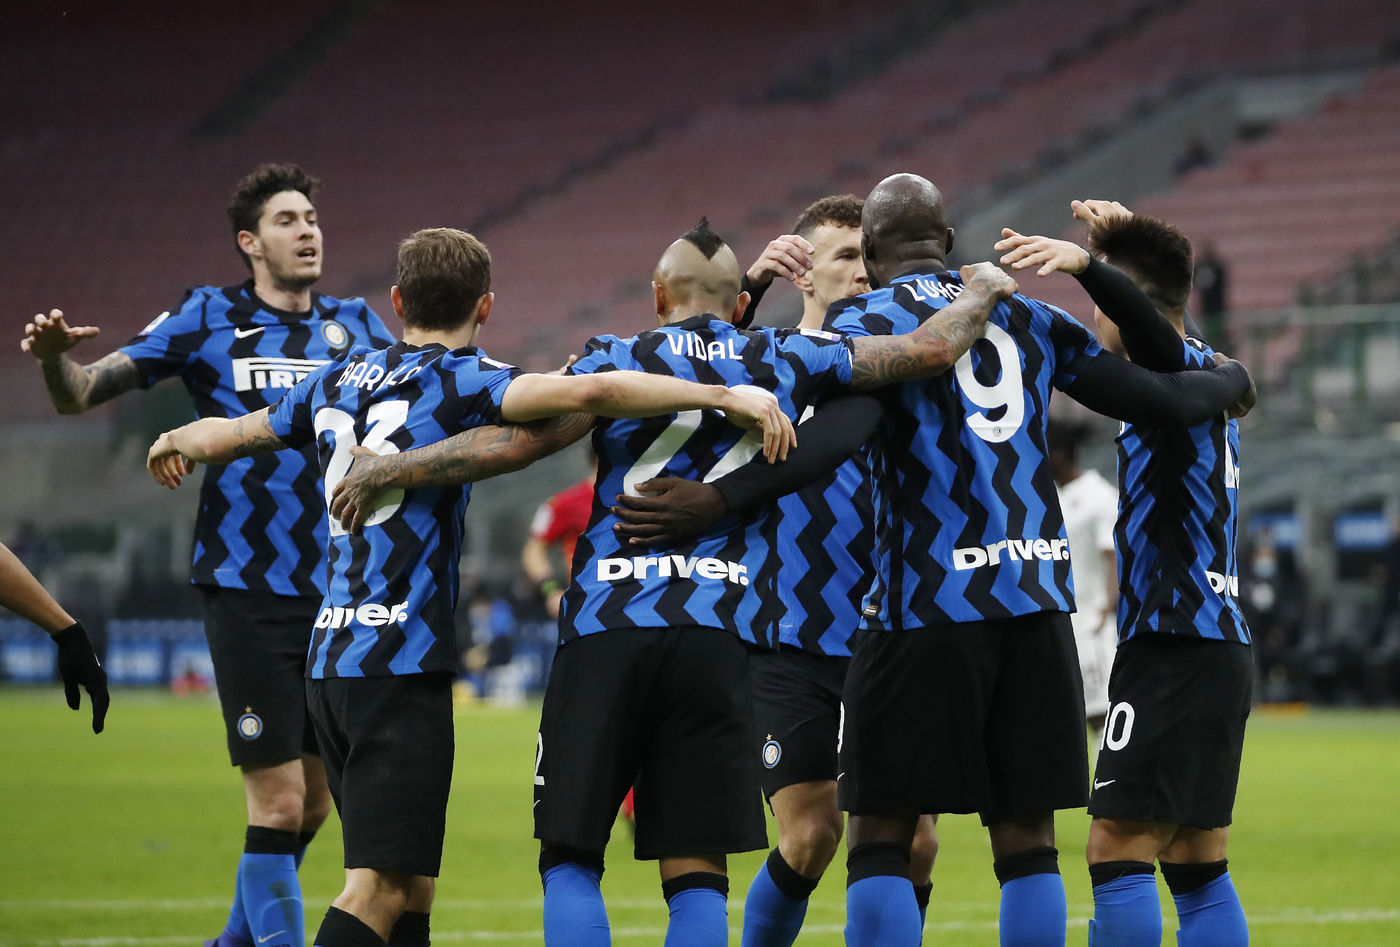 LIVE Borussia Moenchengladbach Inter 2 3, Champions League in DIRETTA: vittoria fondamentale per i nerazzurri. Pagelle e highlights